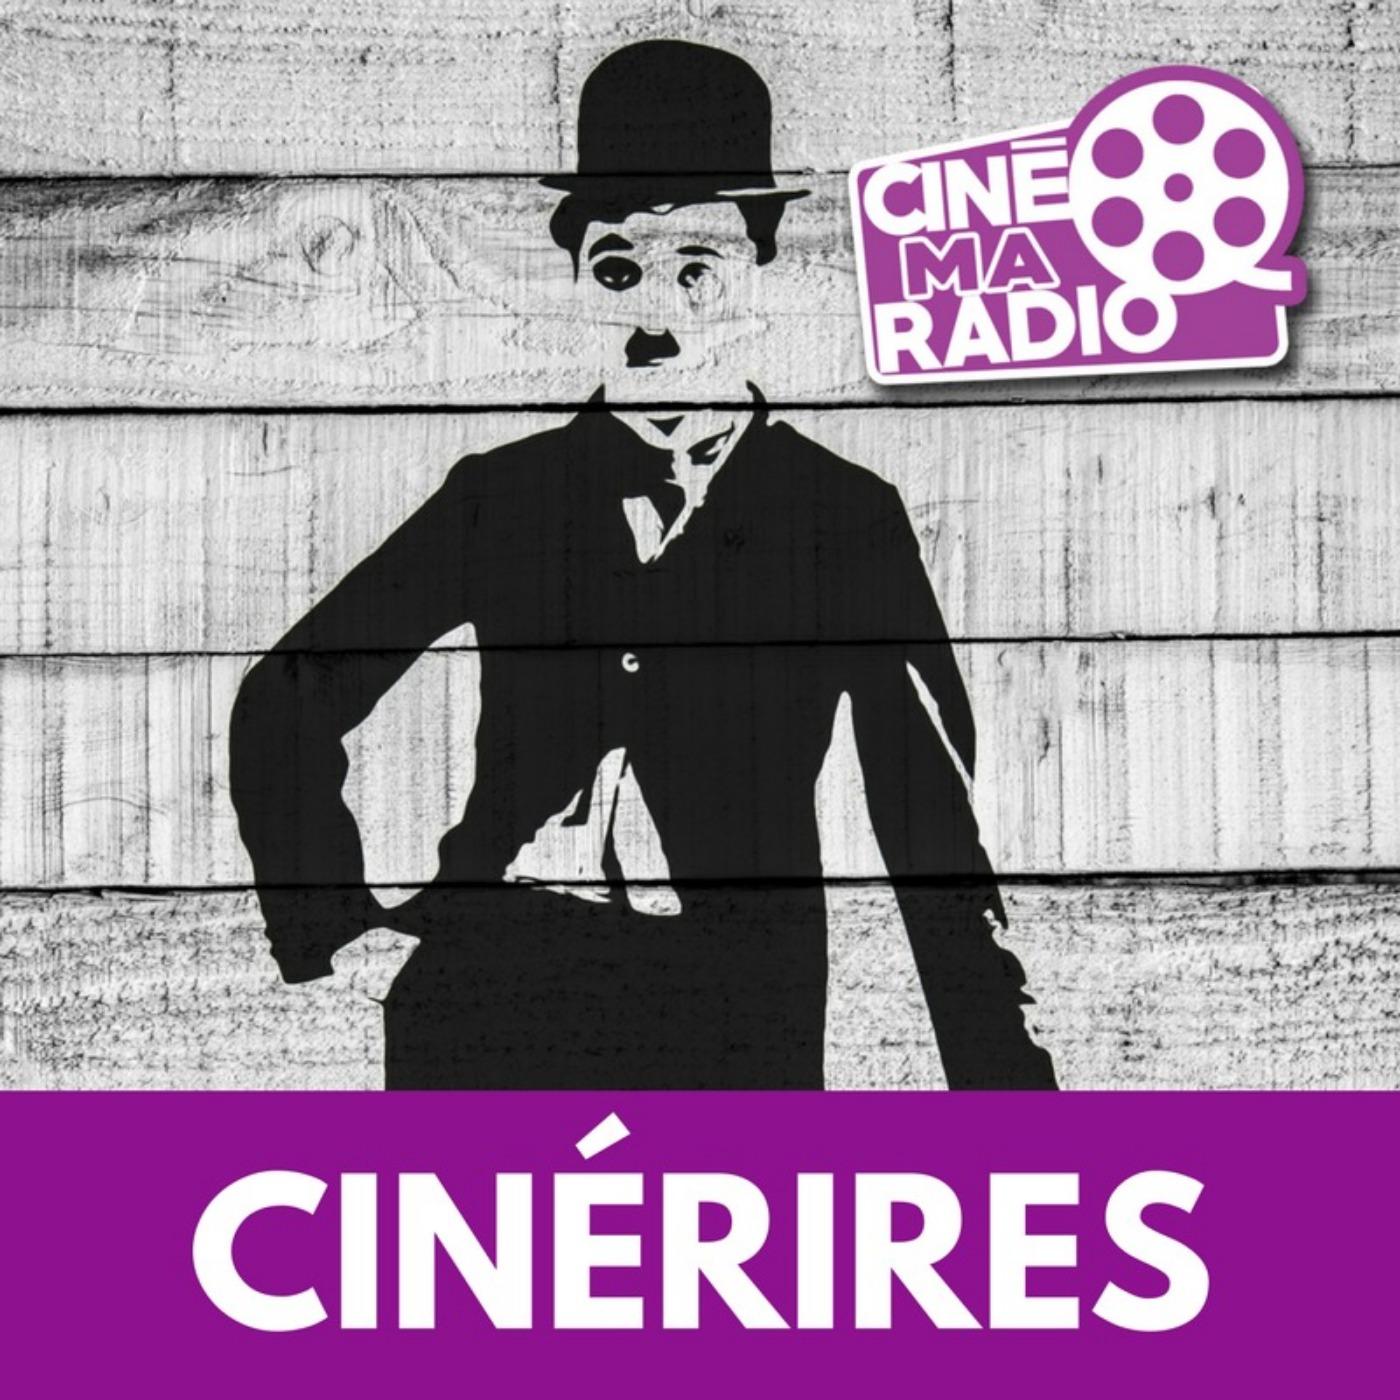 LAUREL ET HARDY | CinéMaRadio le Podcast cinéma